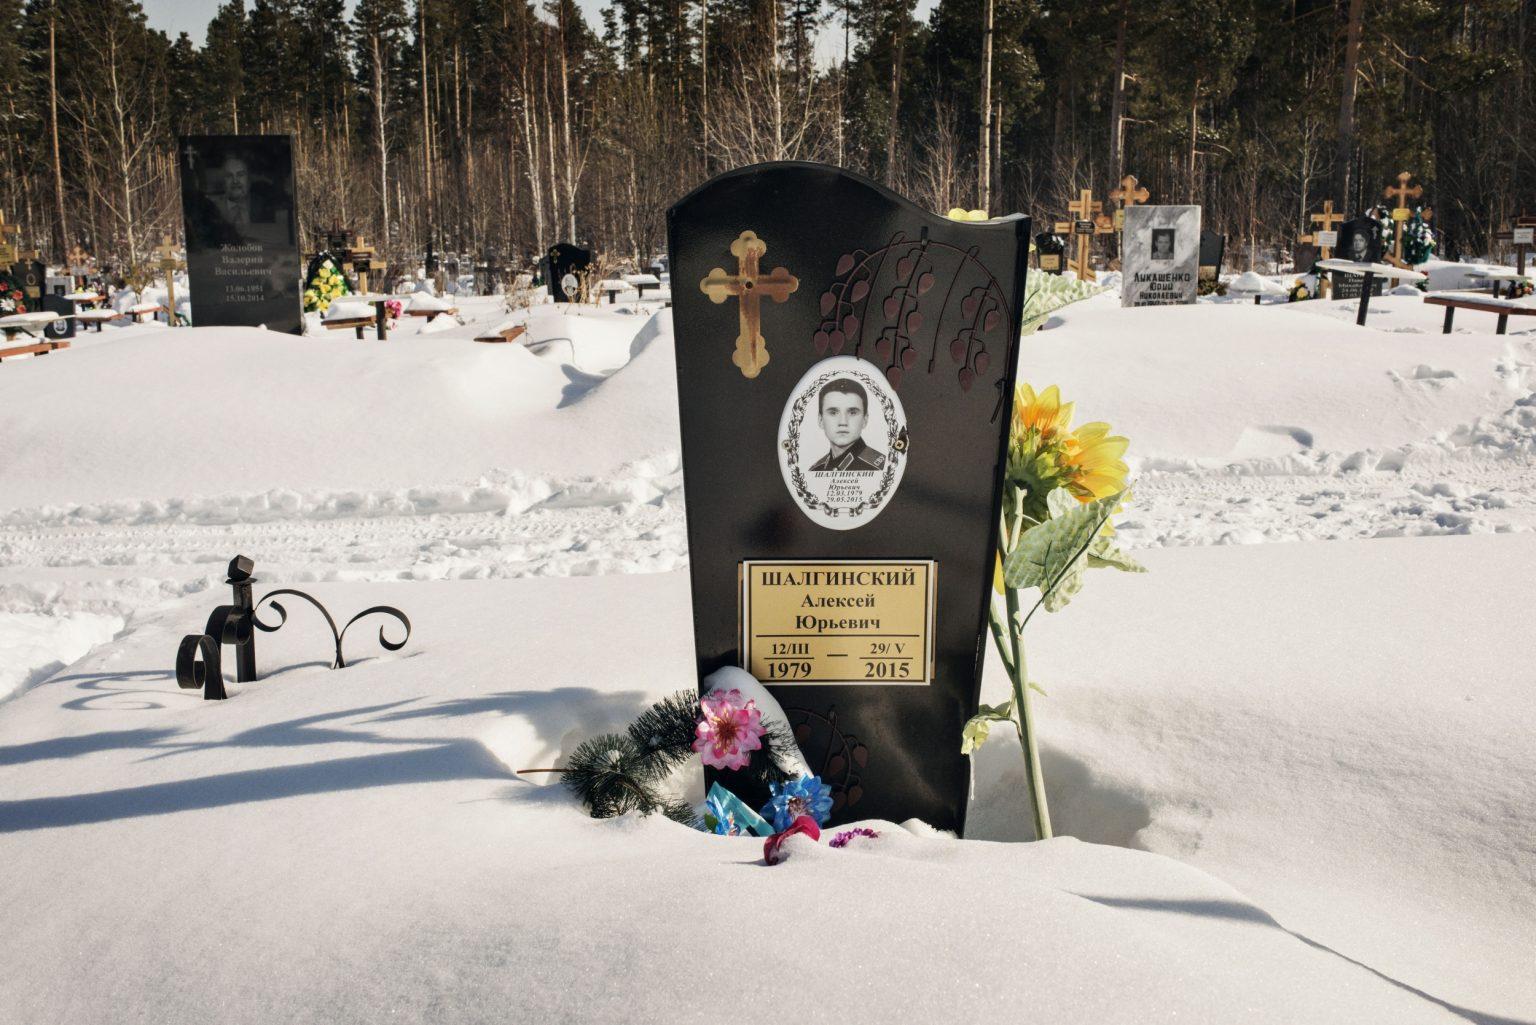 Yekaterinburg, Russia, March 2016 - Alexei is buried in a cemetery on the outskirt of Yekaterinburg. He died in 2015 because of the large use of Krokodil that reduced drastically his immune system. >< Yekaterinburg, Russia, marzo 2016 - Alexey è seppellito in un cimitero nella periferia di Yekaterinburg. È morto nel 2015 a causa dell'uso prolungato di Krokodil che gli ha indebolito il sistema immunitario.